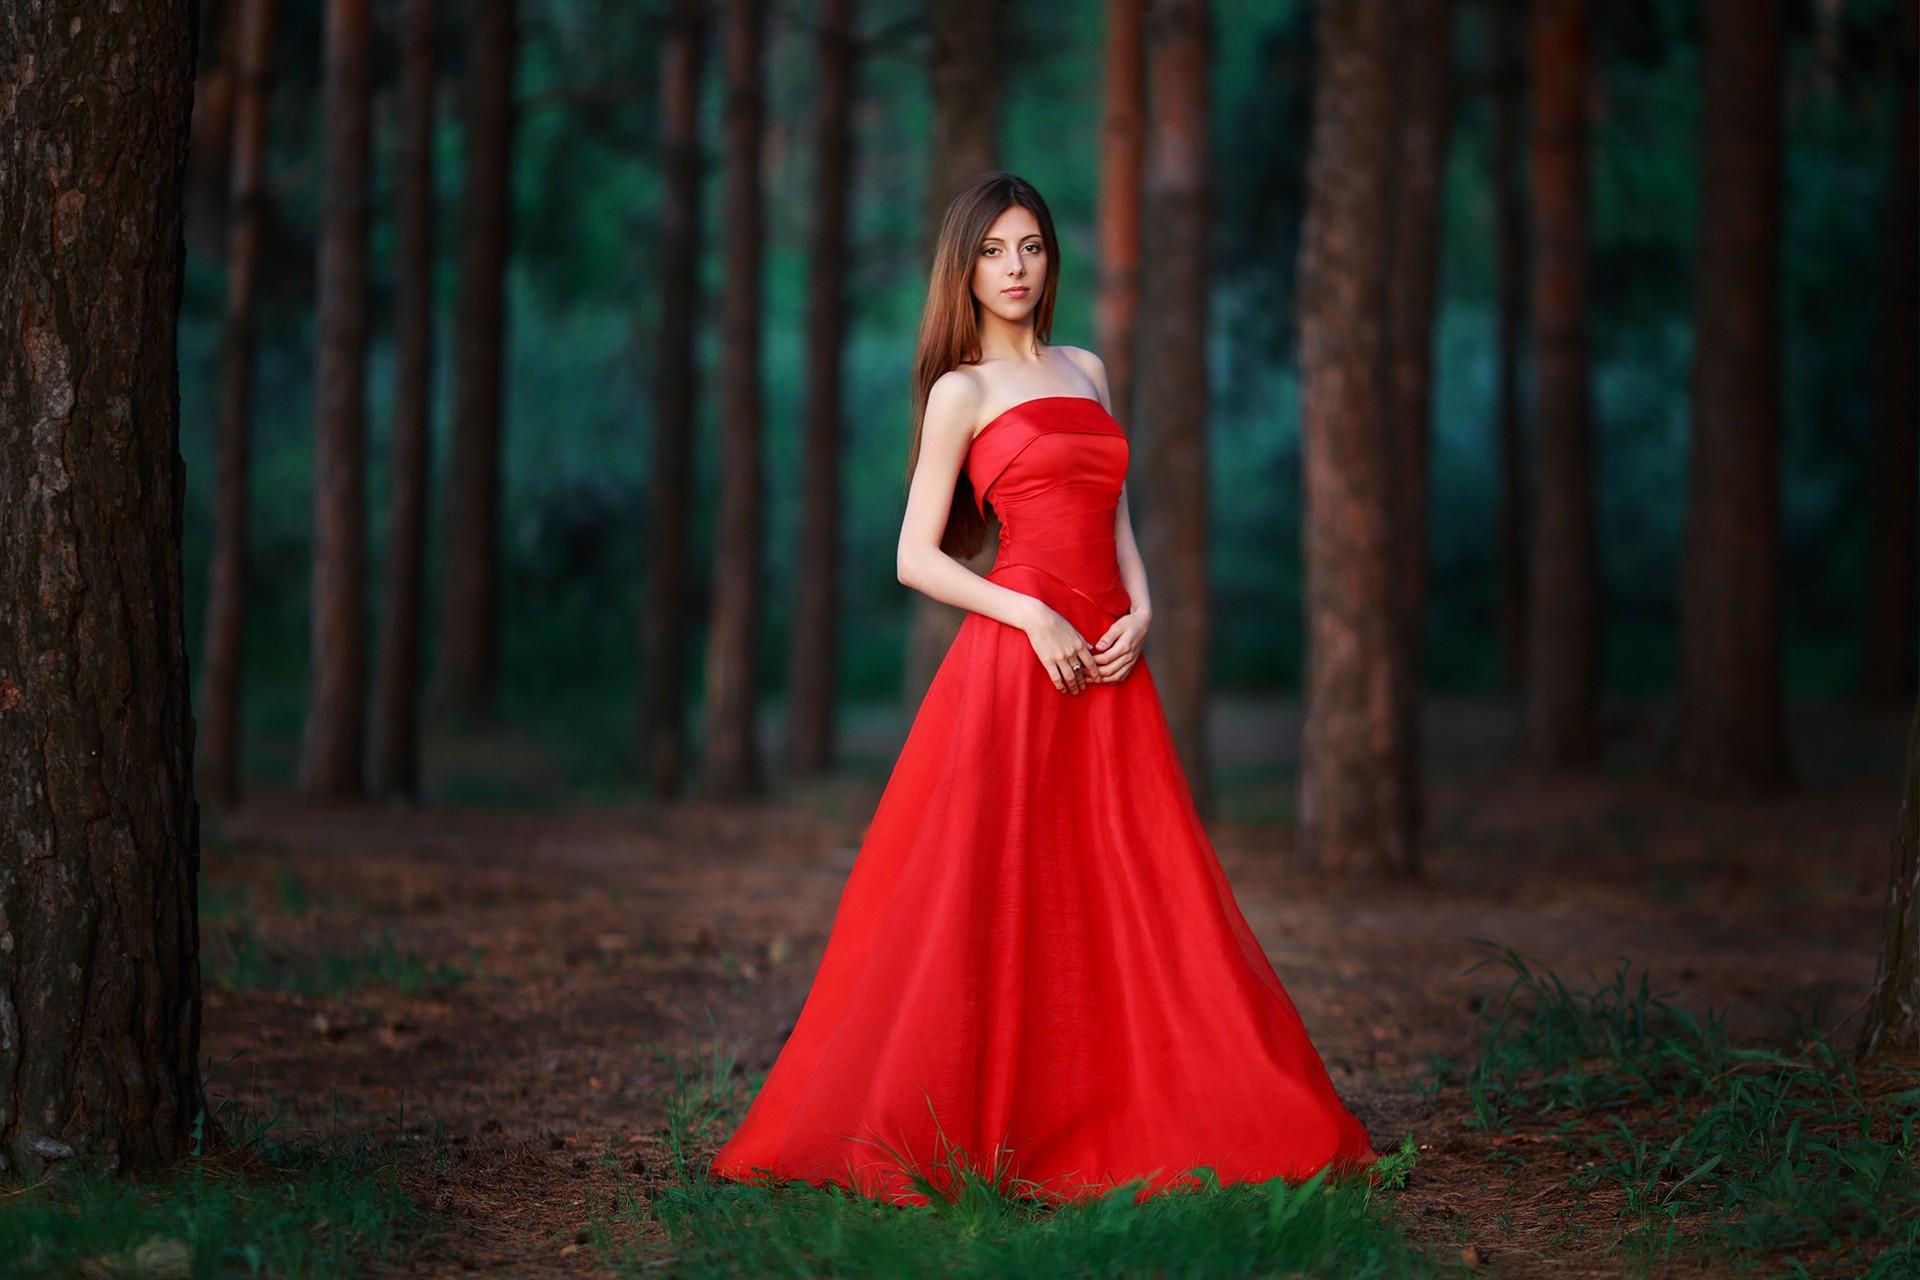 Фотки женщины в длинных платьях — 2